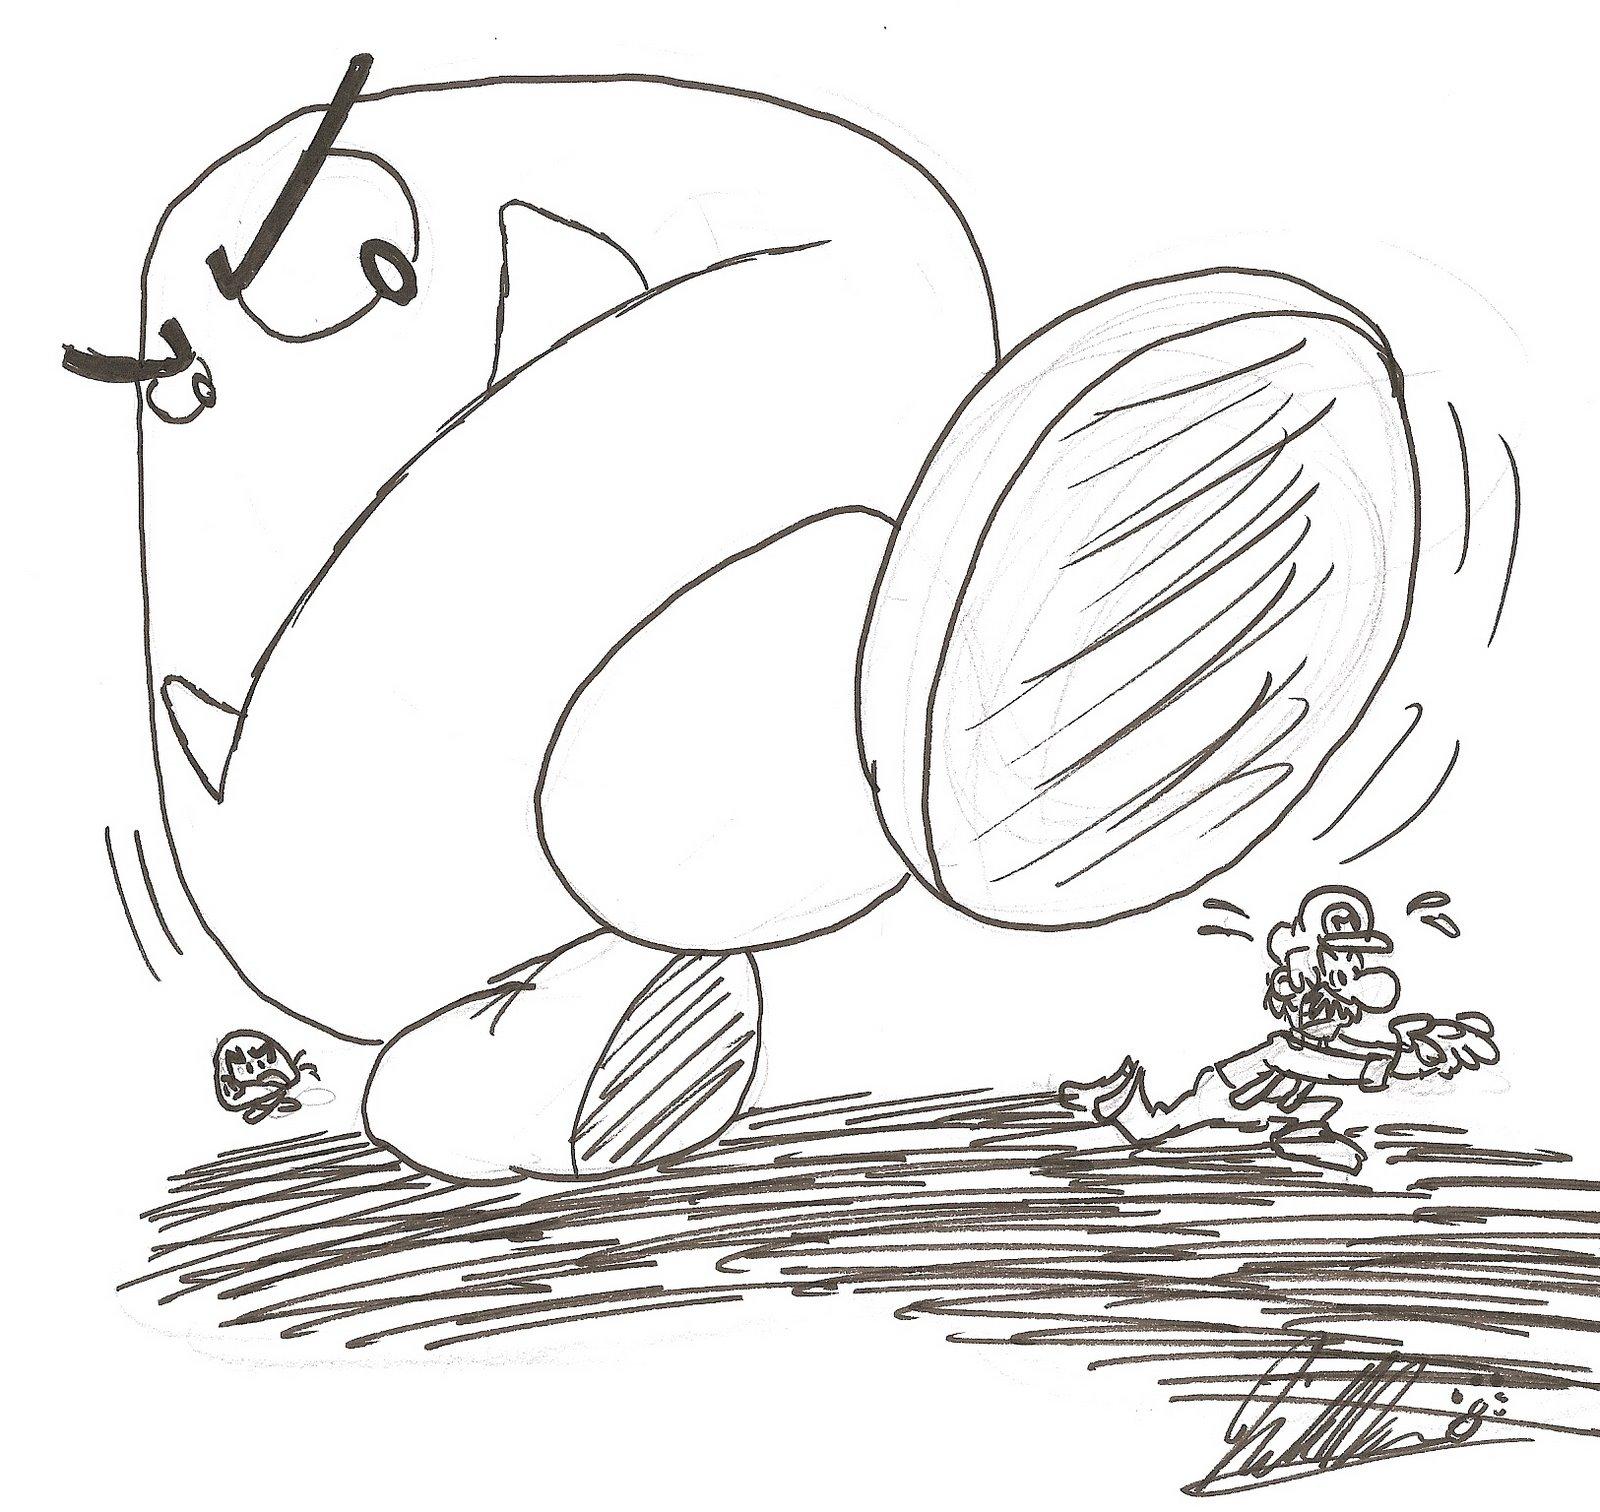 8 Bit Luigi Super Mario Bros Coloring Pages Sketch